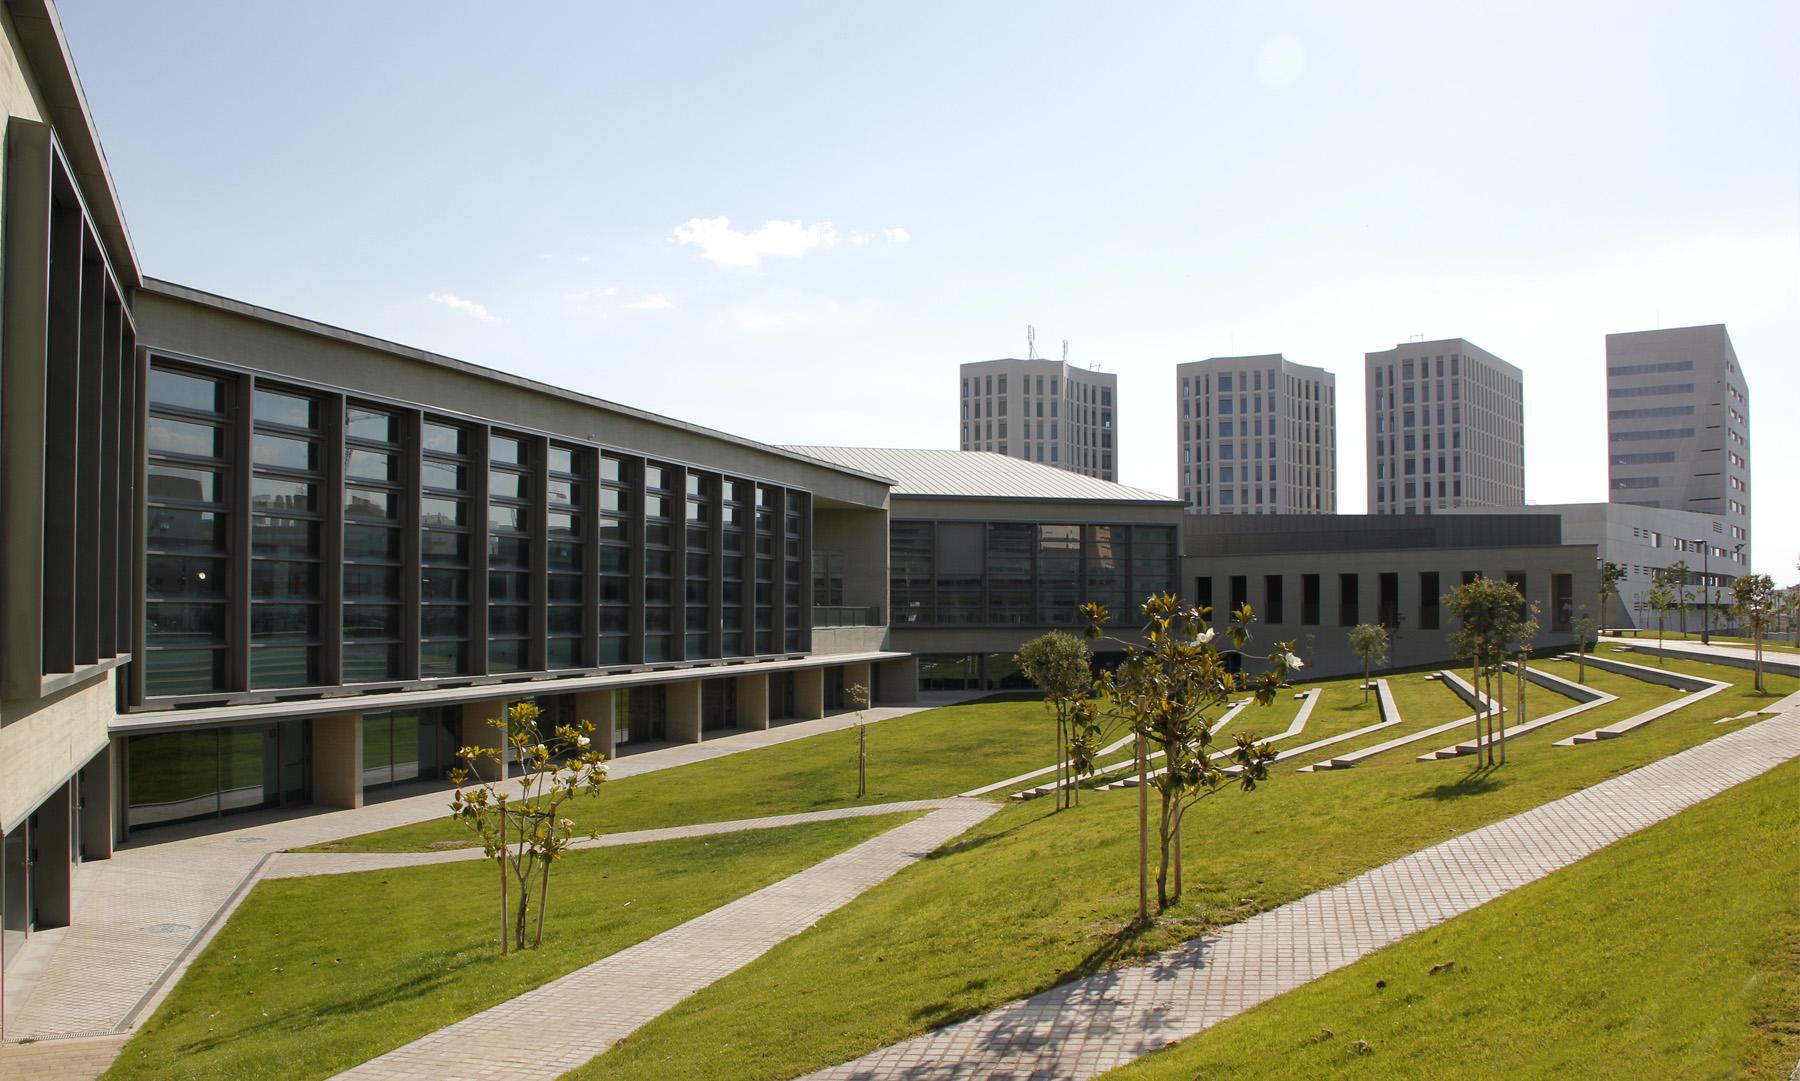 La Universidad de Granada, referente de mejora energética en el ámbito universitario en el proyecto europeo S3UNICA